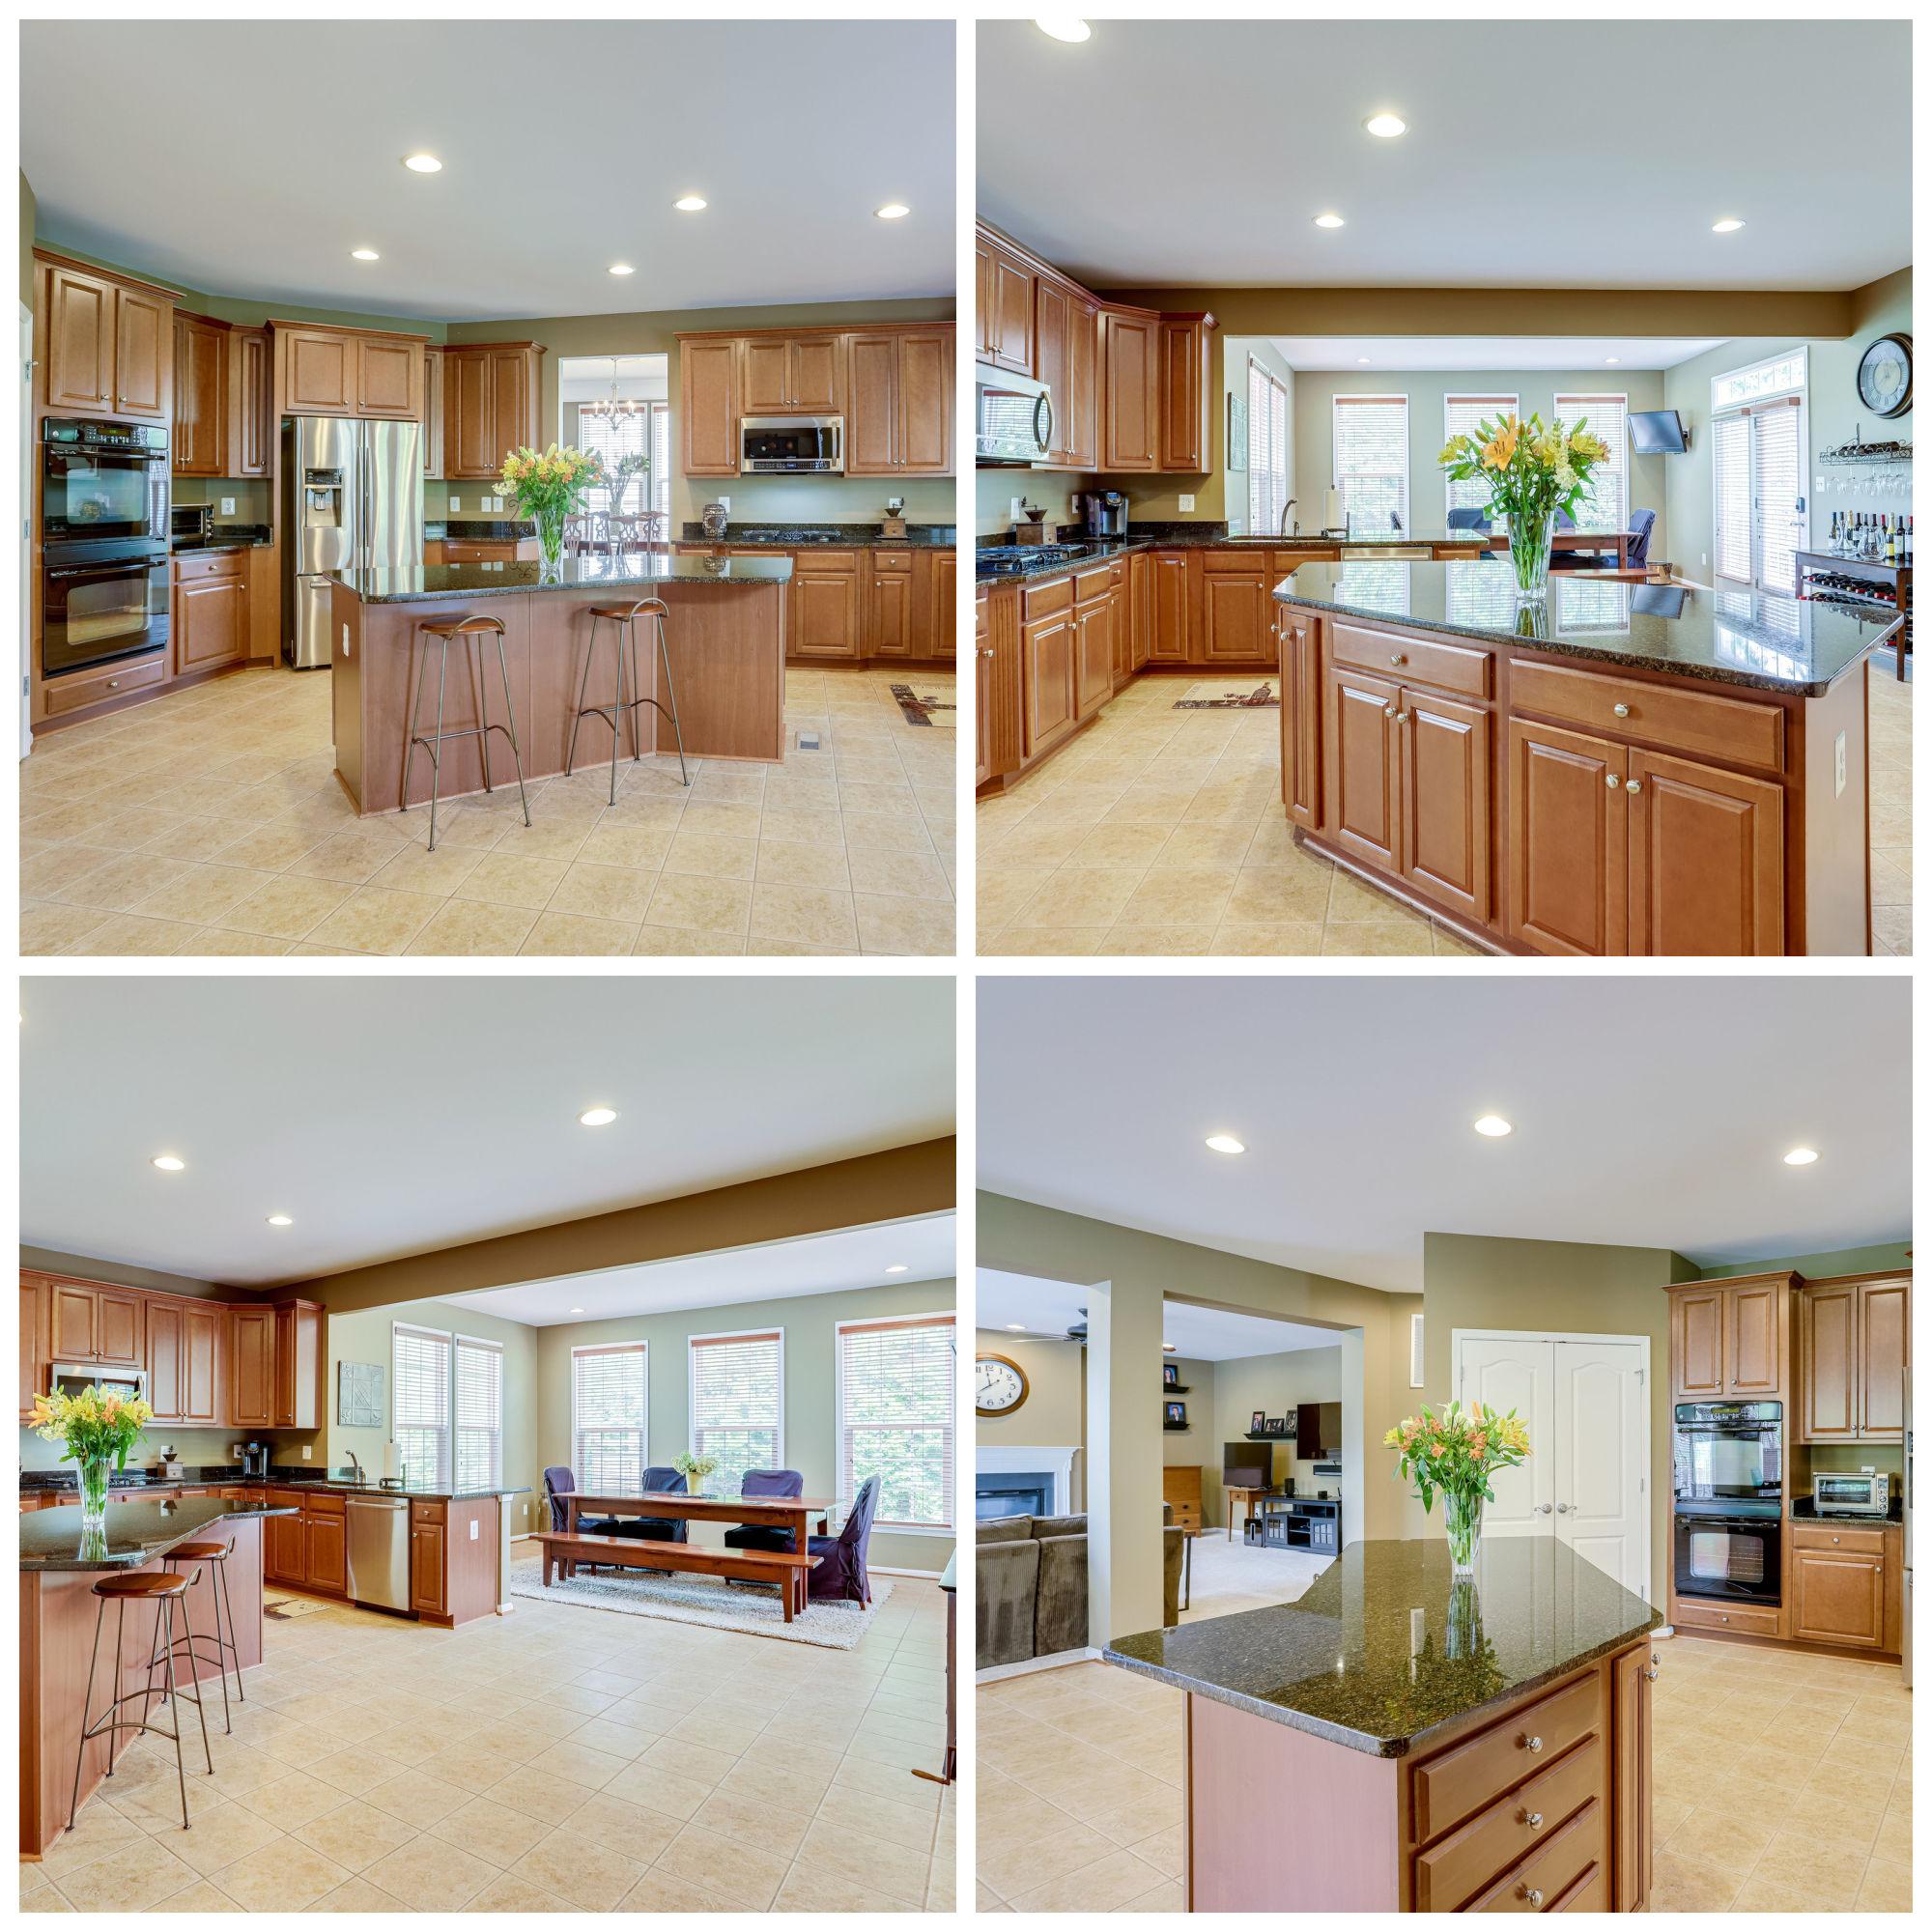 42974 Tealbriar Pl, Broadlands- Kitchen and Morning Room